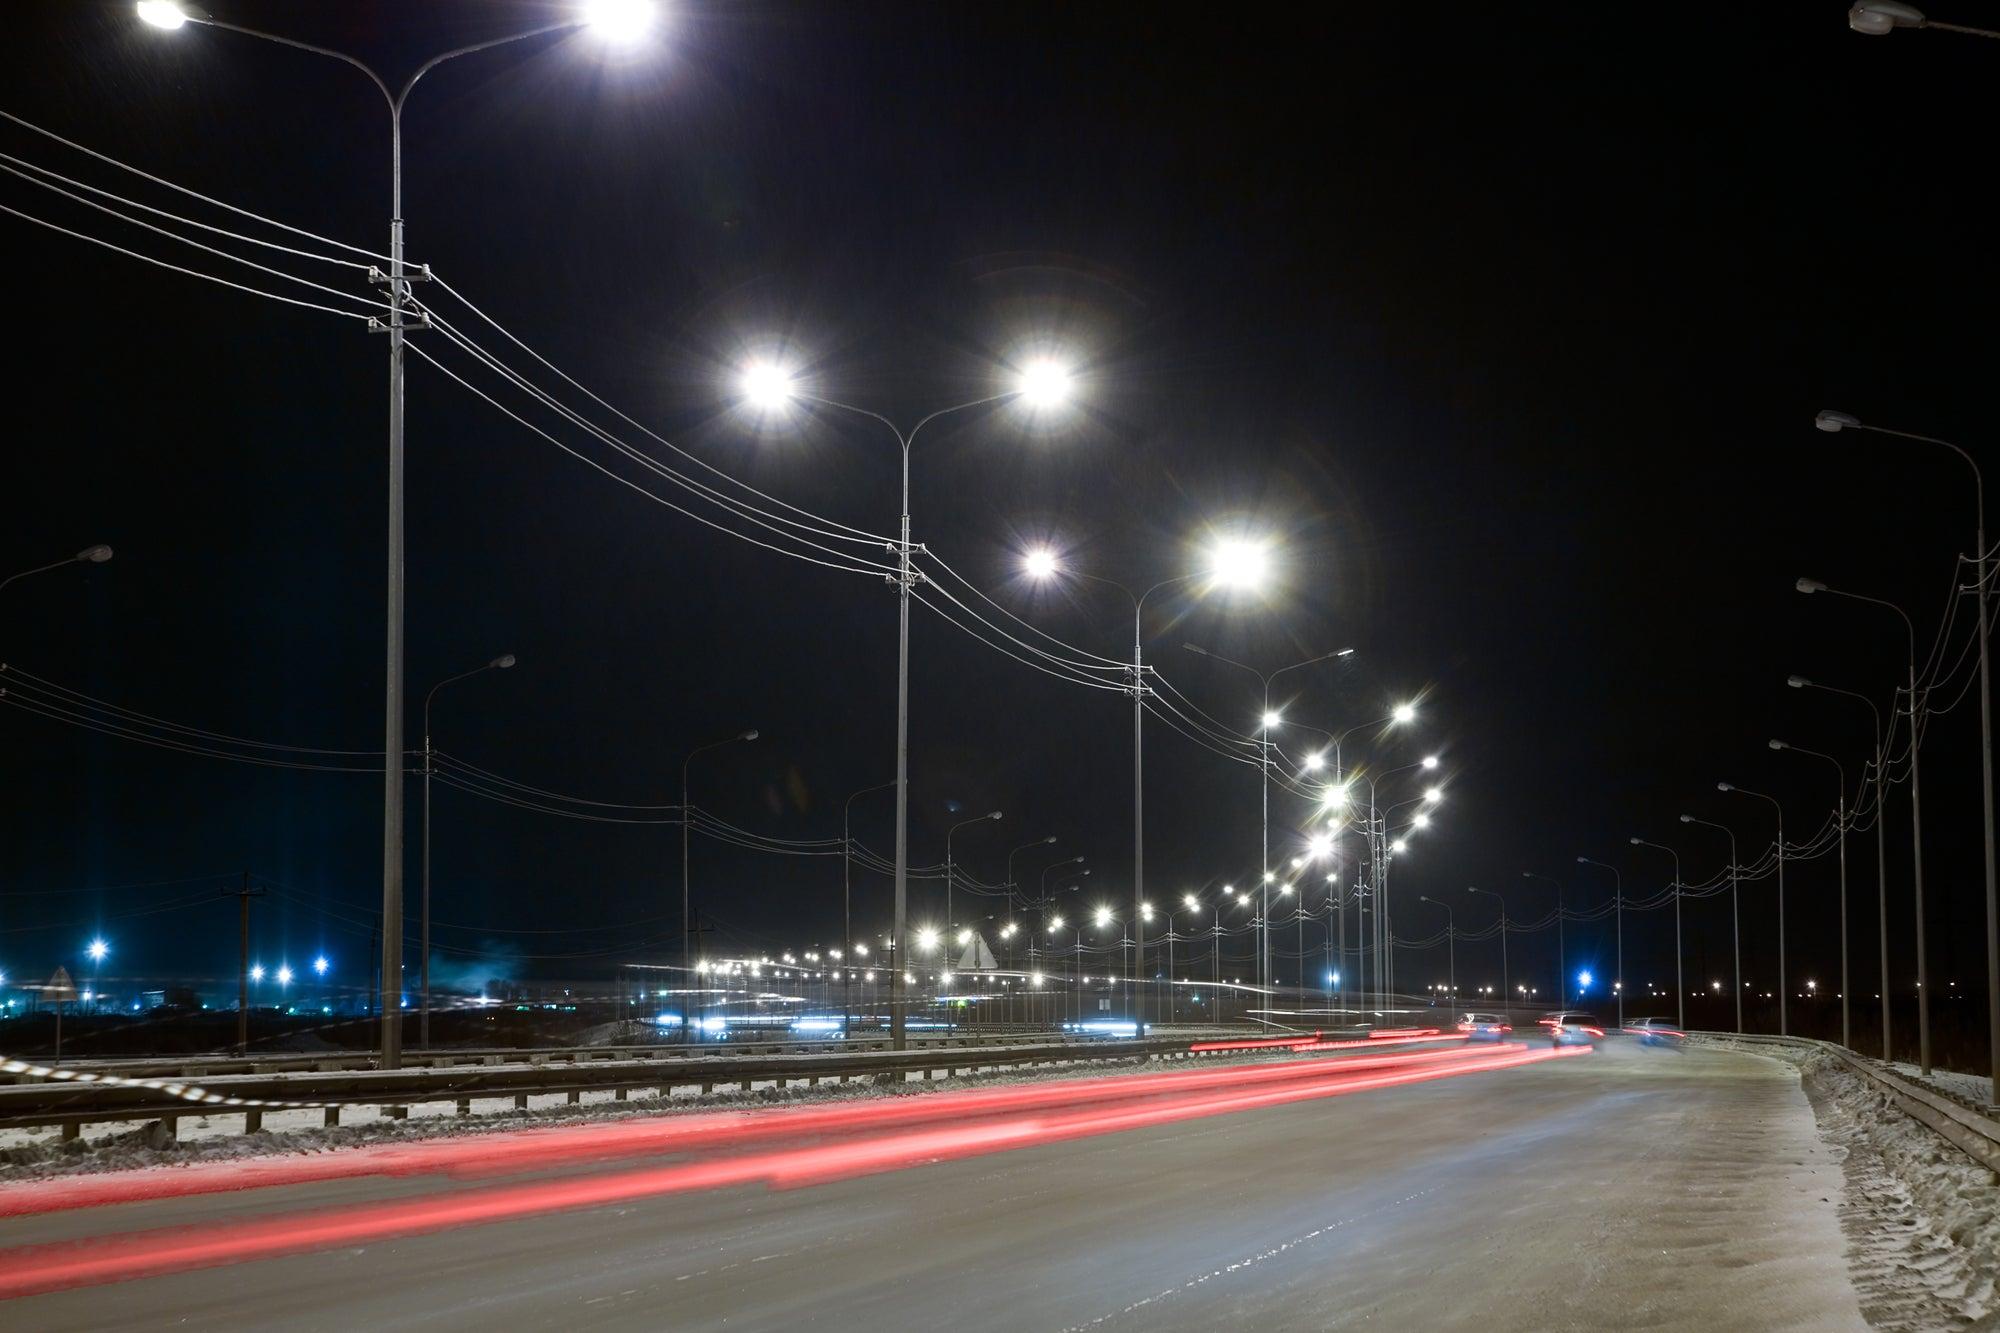 a road at night